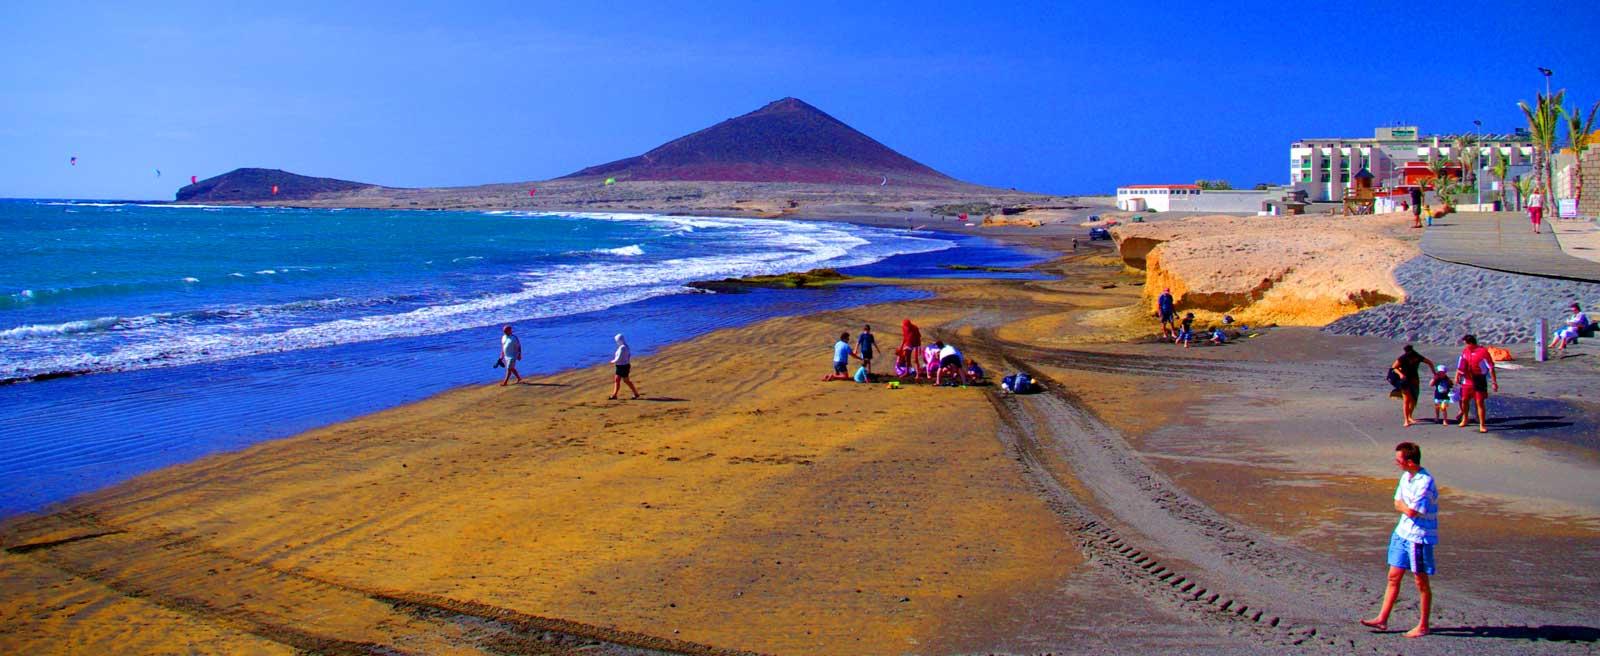 Тенерифе (пляж Эль Медано)